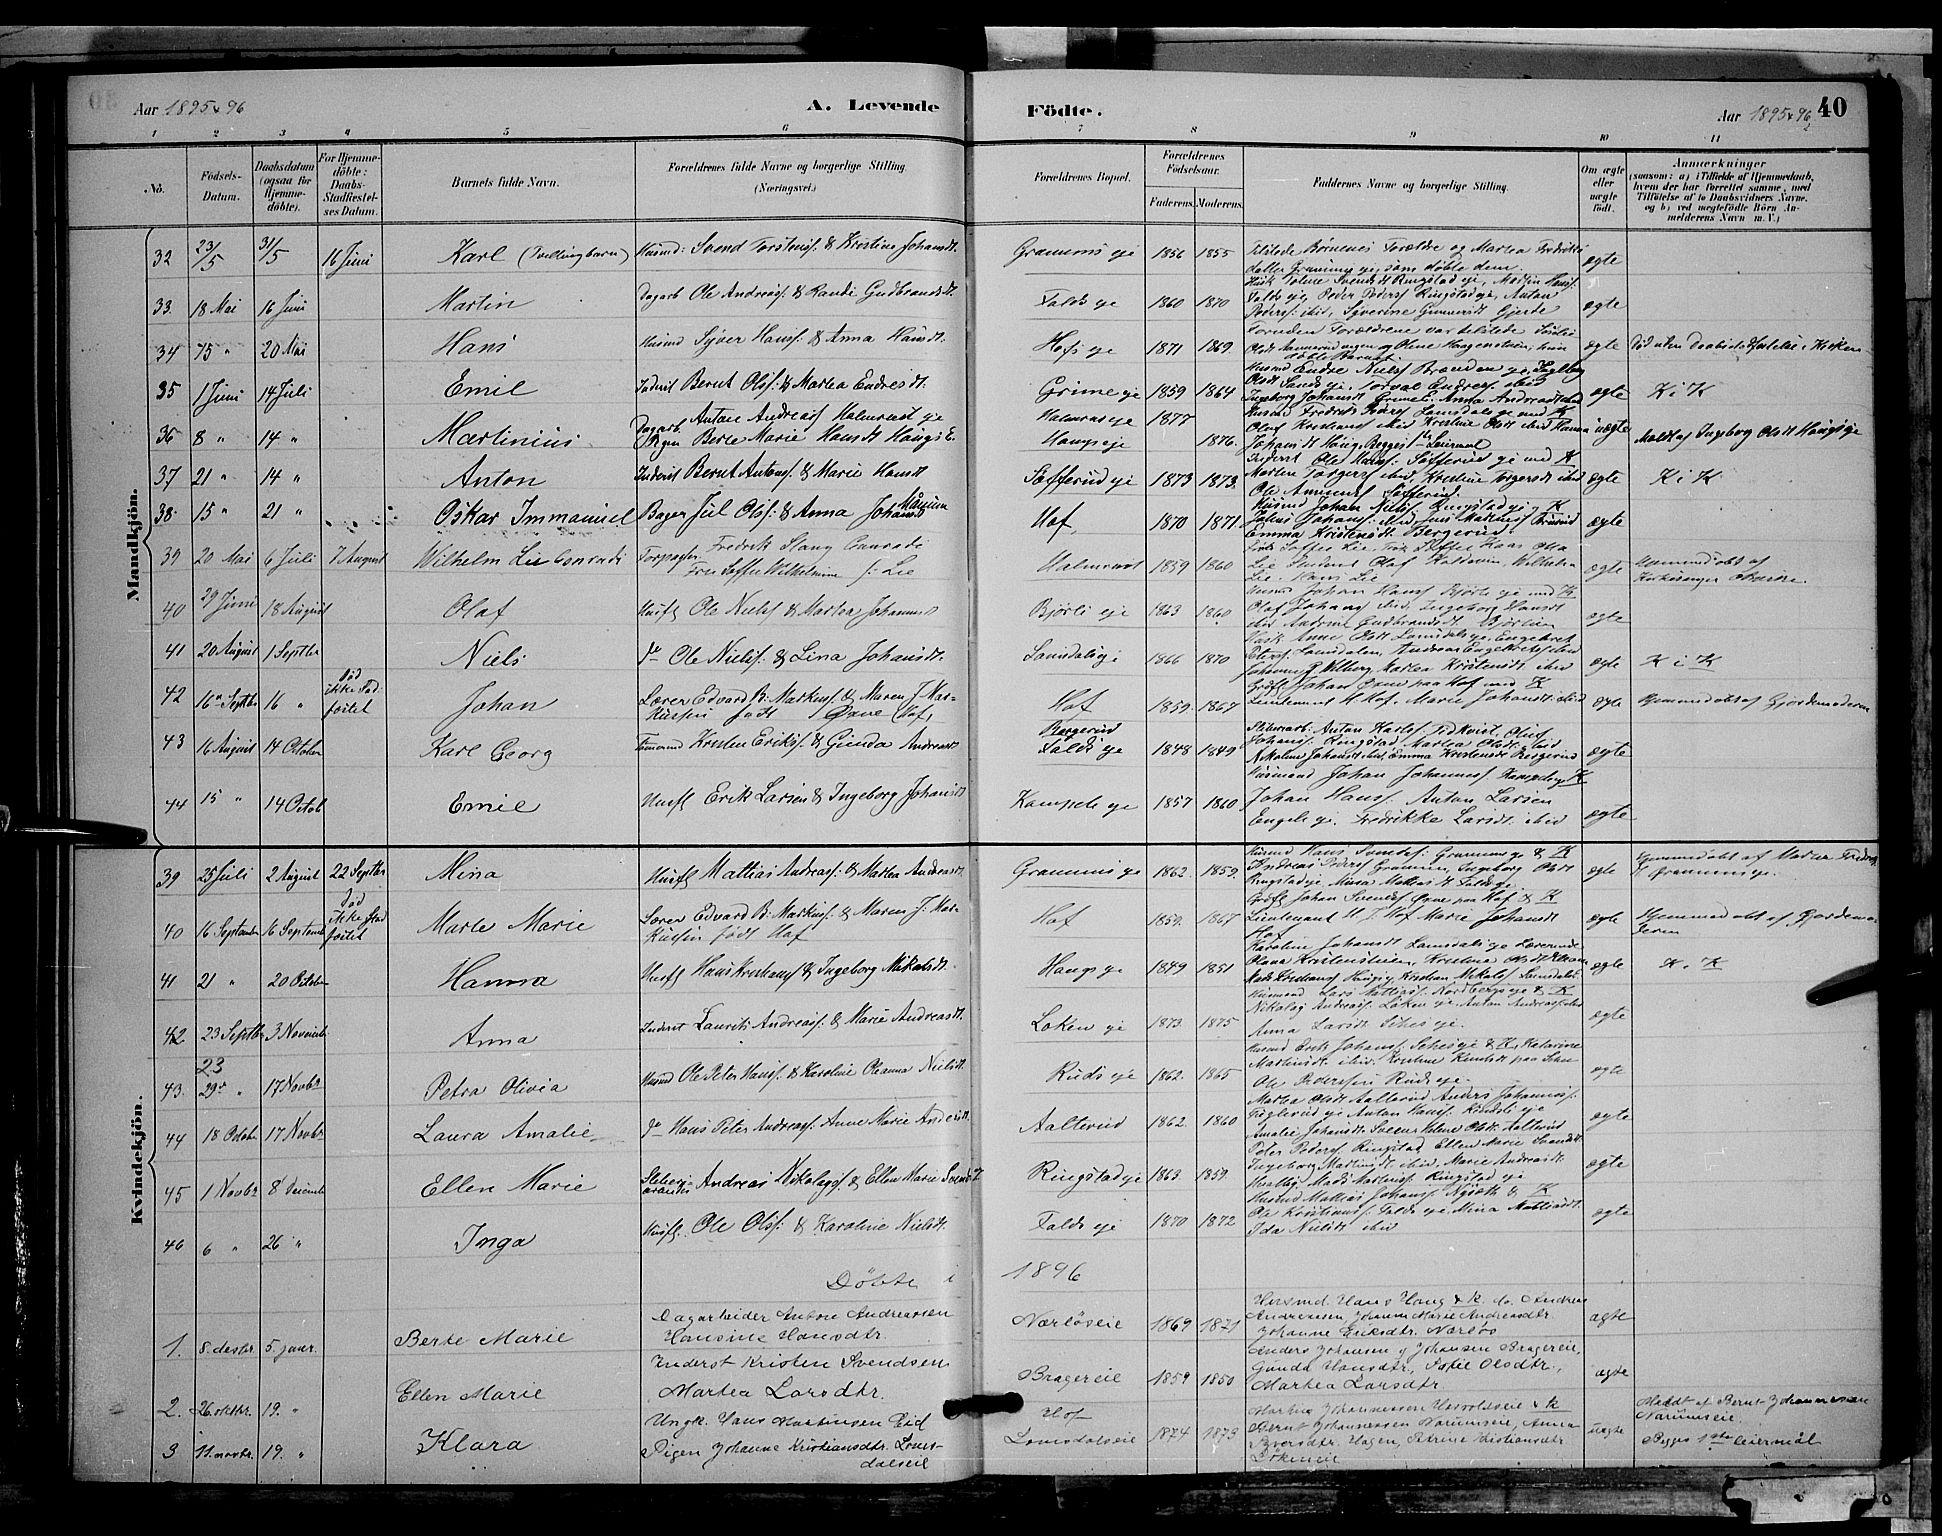 SAH, Søndre Land prestekontor, L/L0002: Parish register (copy) no. 2, 1884-1900, p. 40